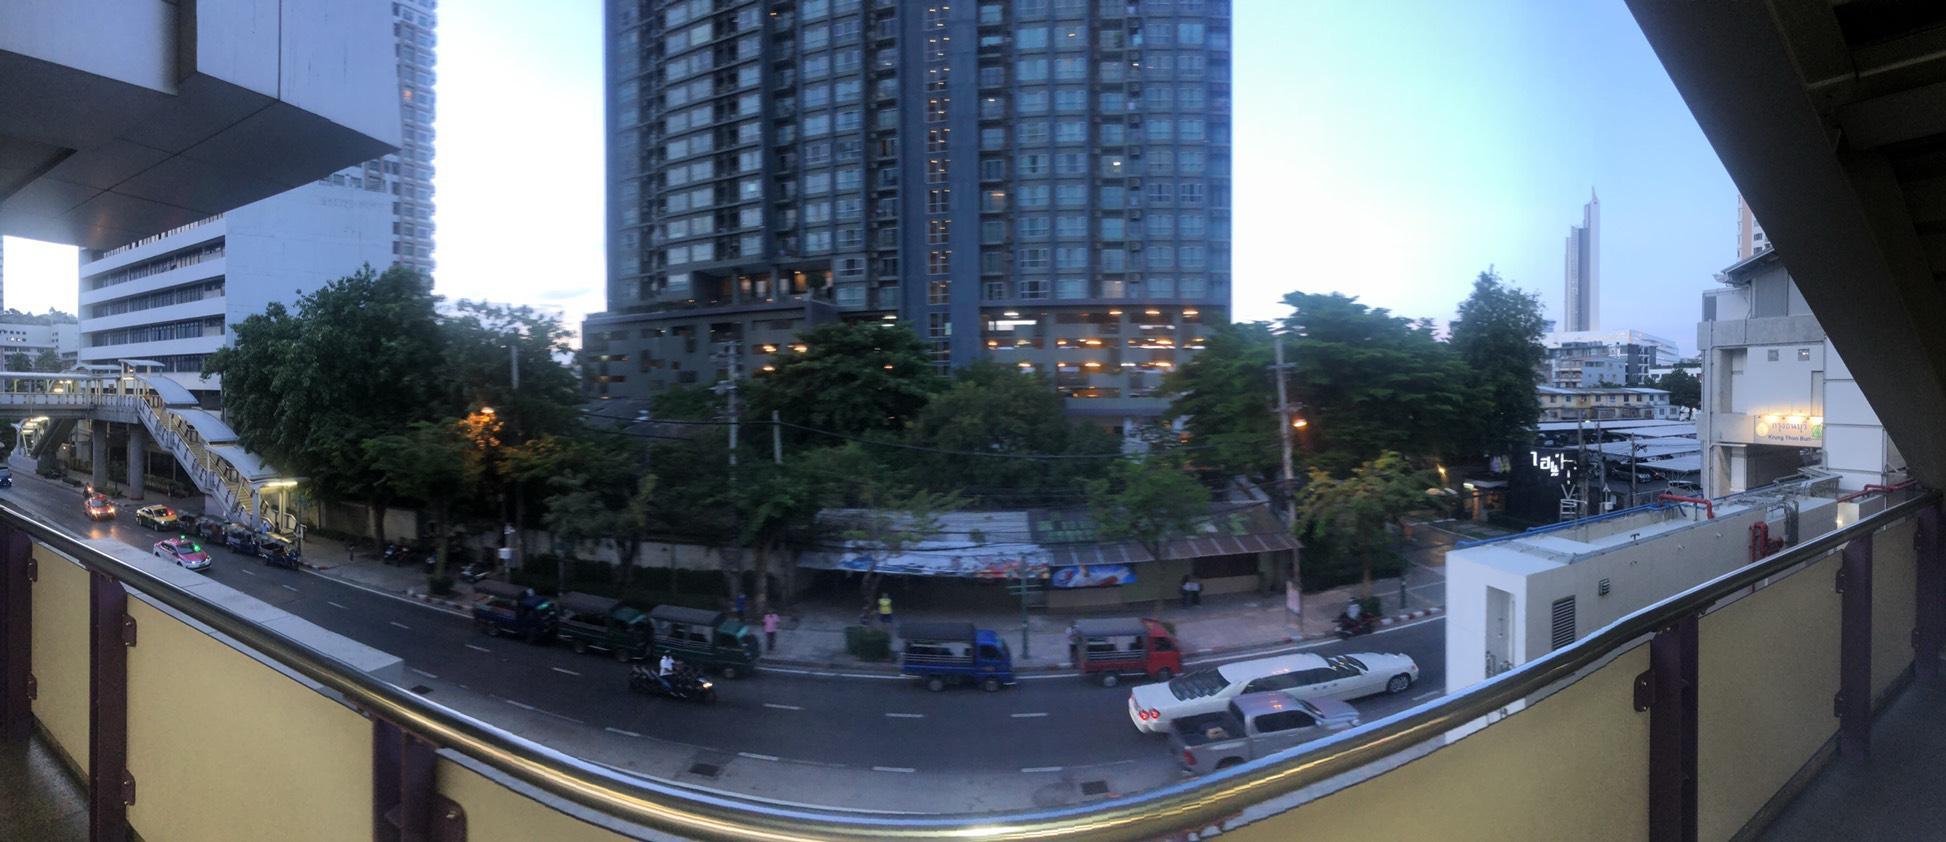 ที่ดินให้เช่าทำเลทอง ติดรถไฟฟ้า BTS กรุงธนบุรี